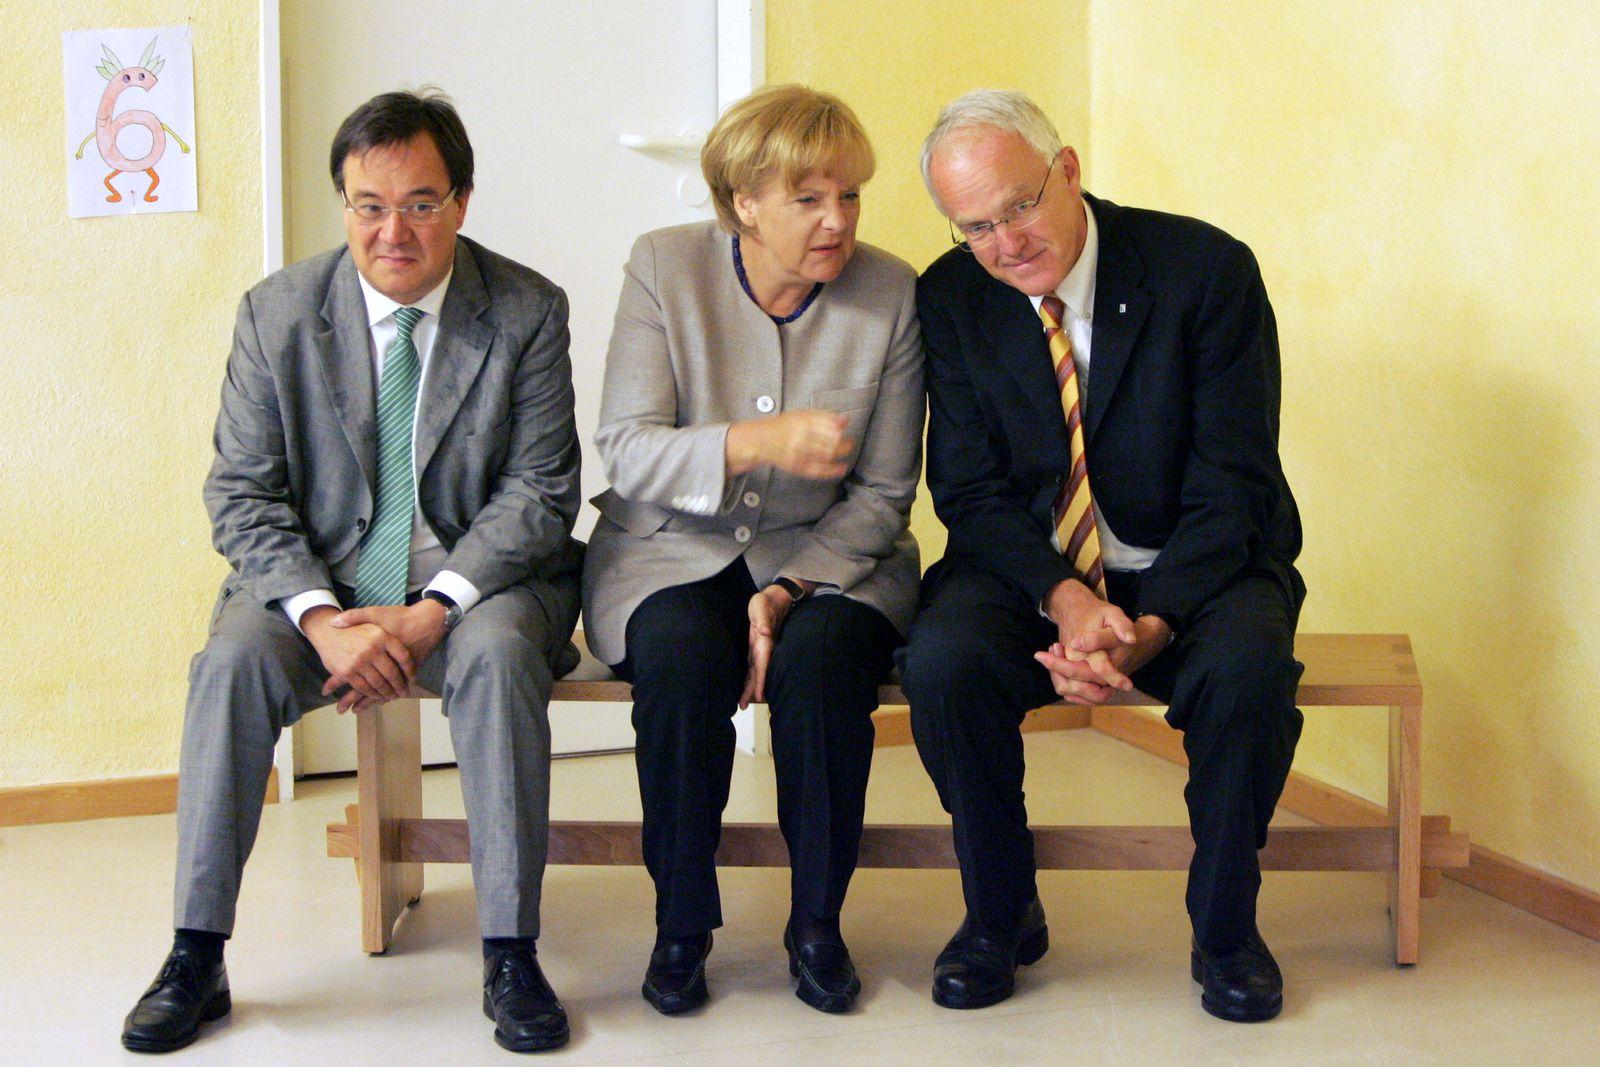 NICHT VERWENDEN Laschet / Merkel / Rüttgers